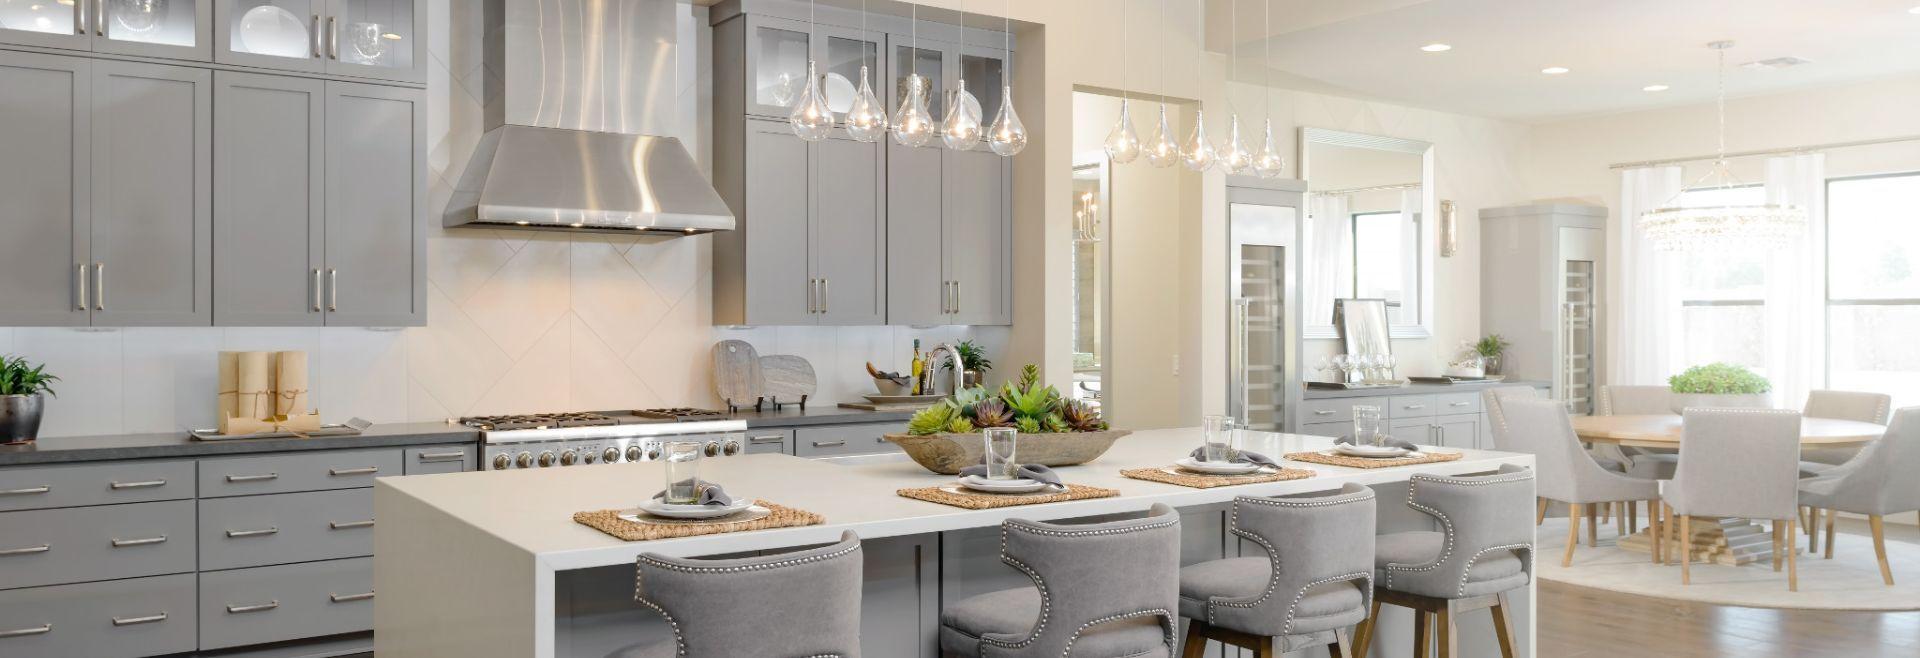 单亲家庭 为 销售 在 Residence 4 1670 E Gillcrest Rd Gilbert, Arizona 85298 United States